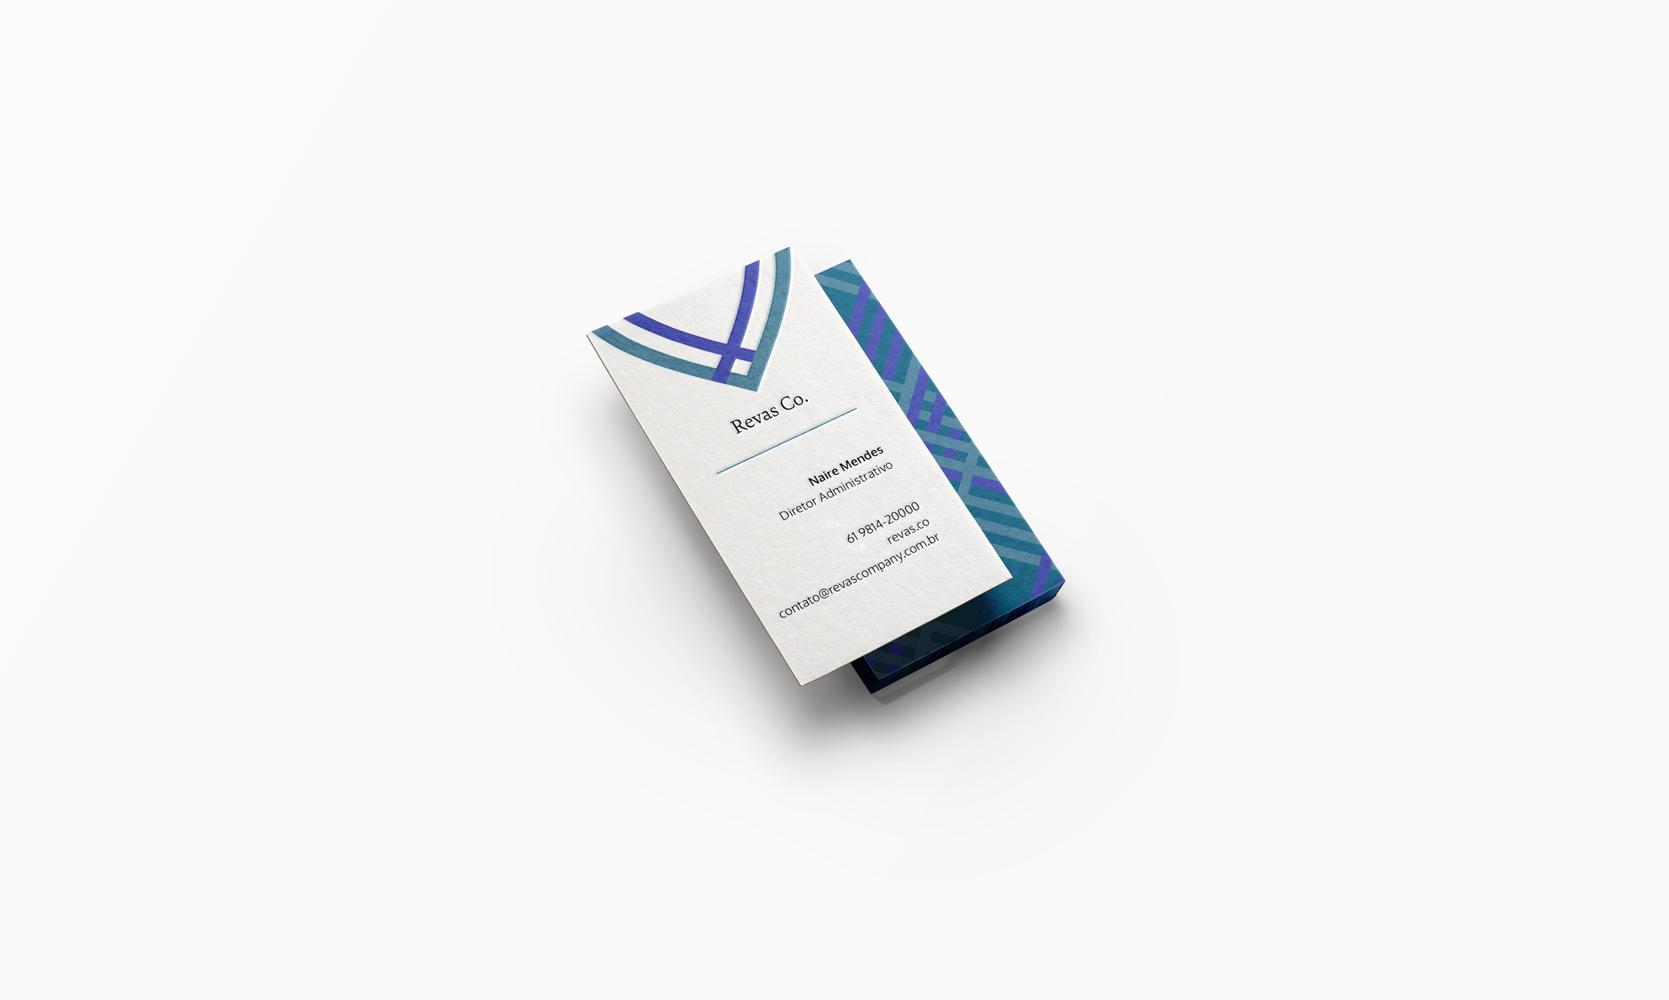 Revas company business card